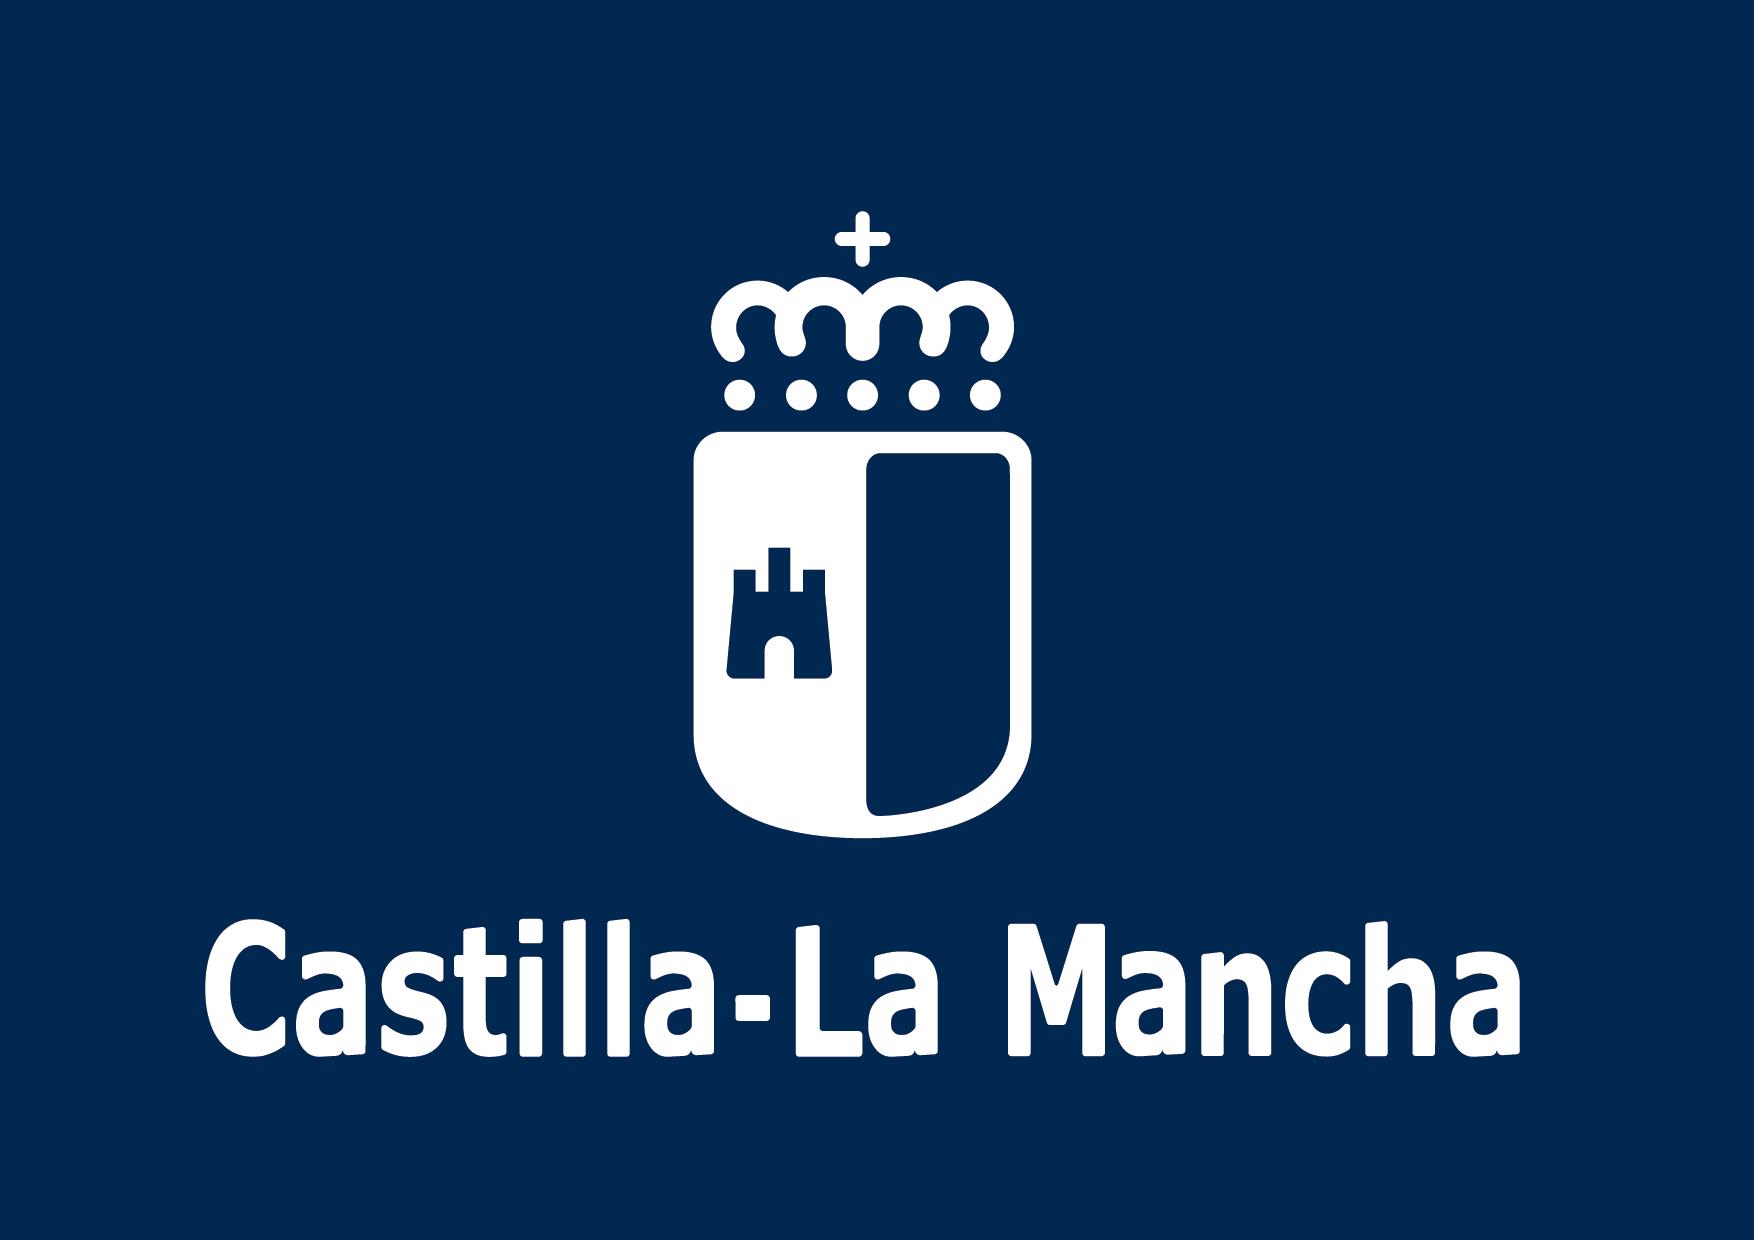 """Resultado de imagen de logo de castilla la mancha"""""""